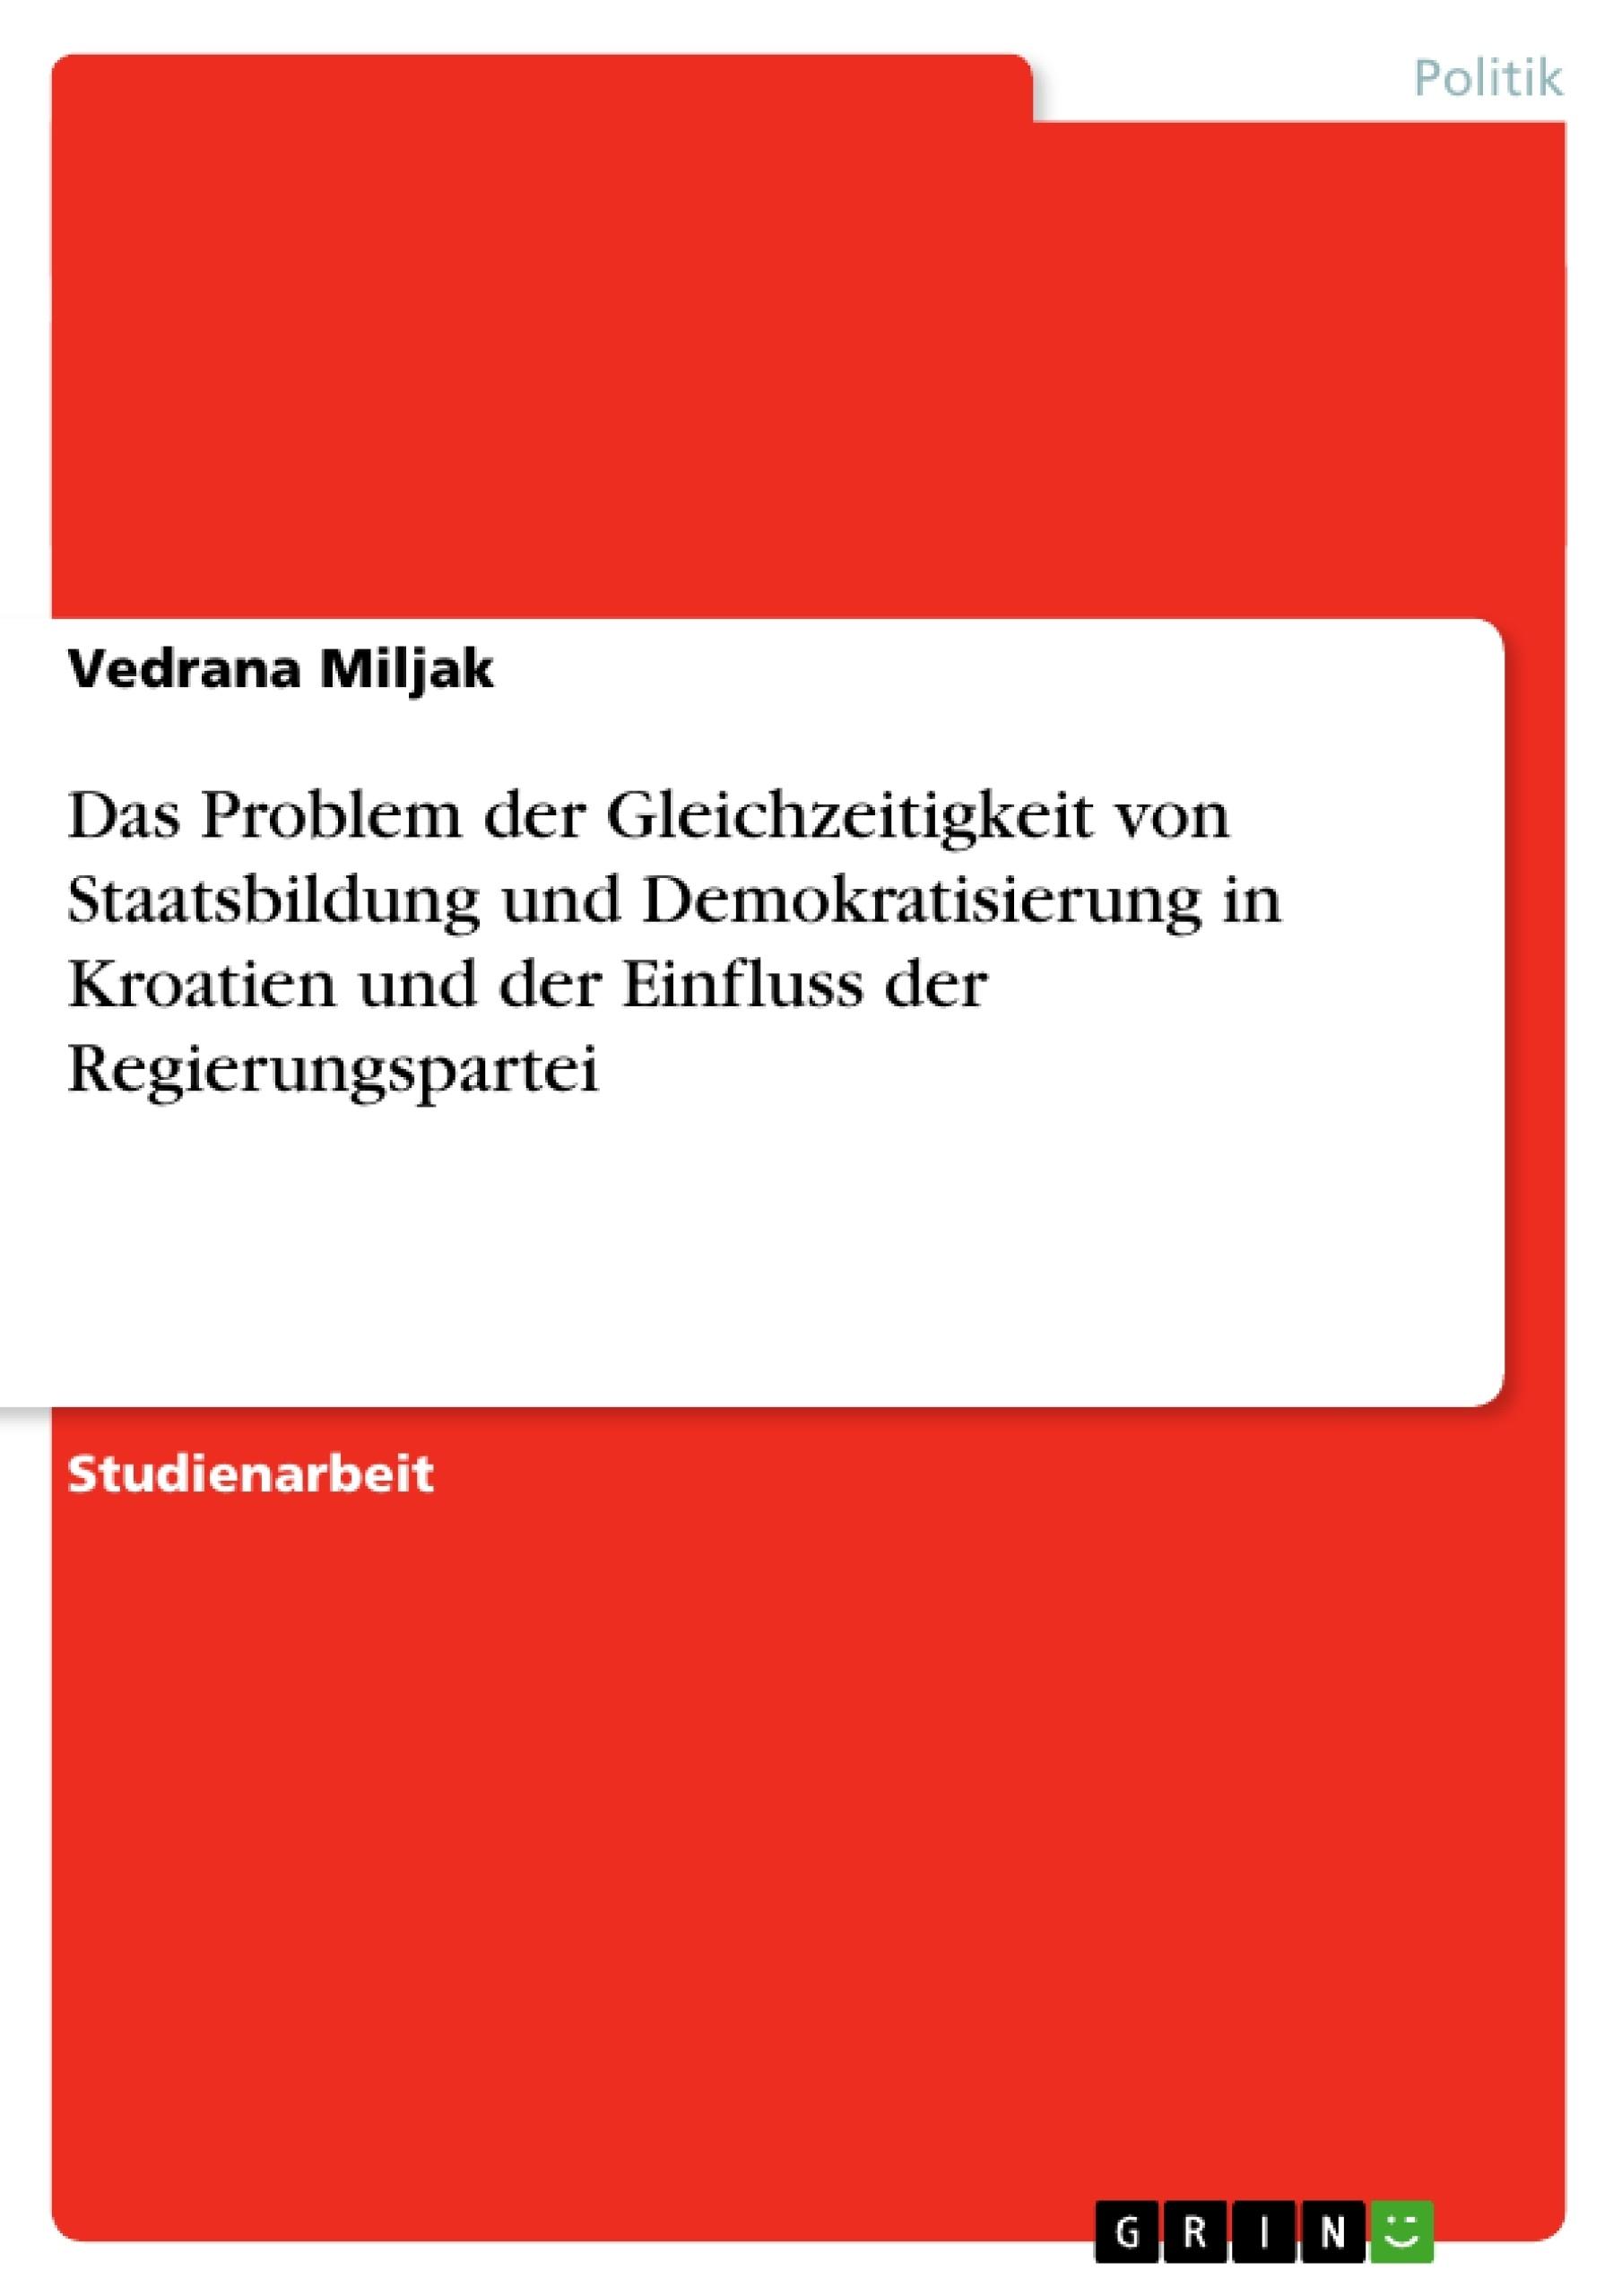 Titel: Das Problem der Gleichzeitigkeit von Staatsbildung und Demokratisierung in Kroatien und der Einfluss der Regierungspartei